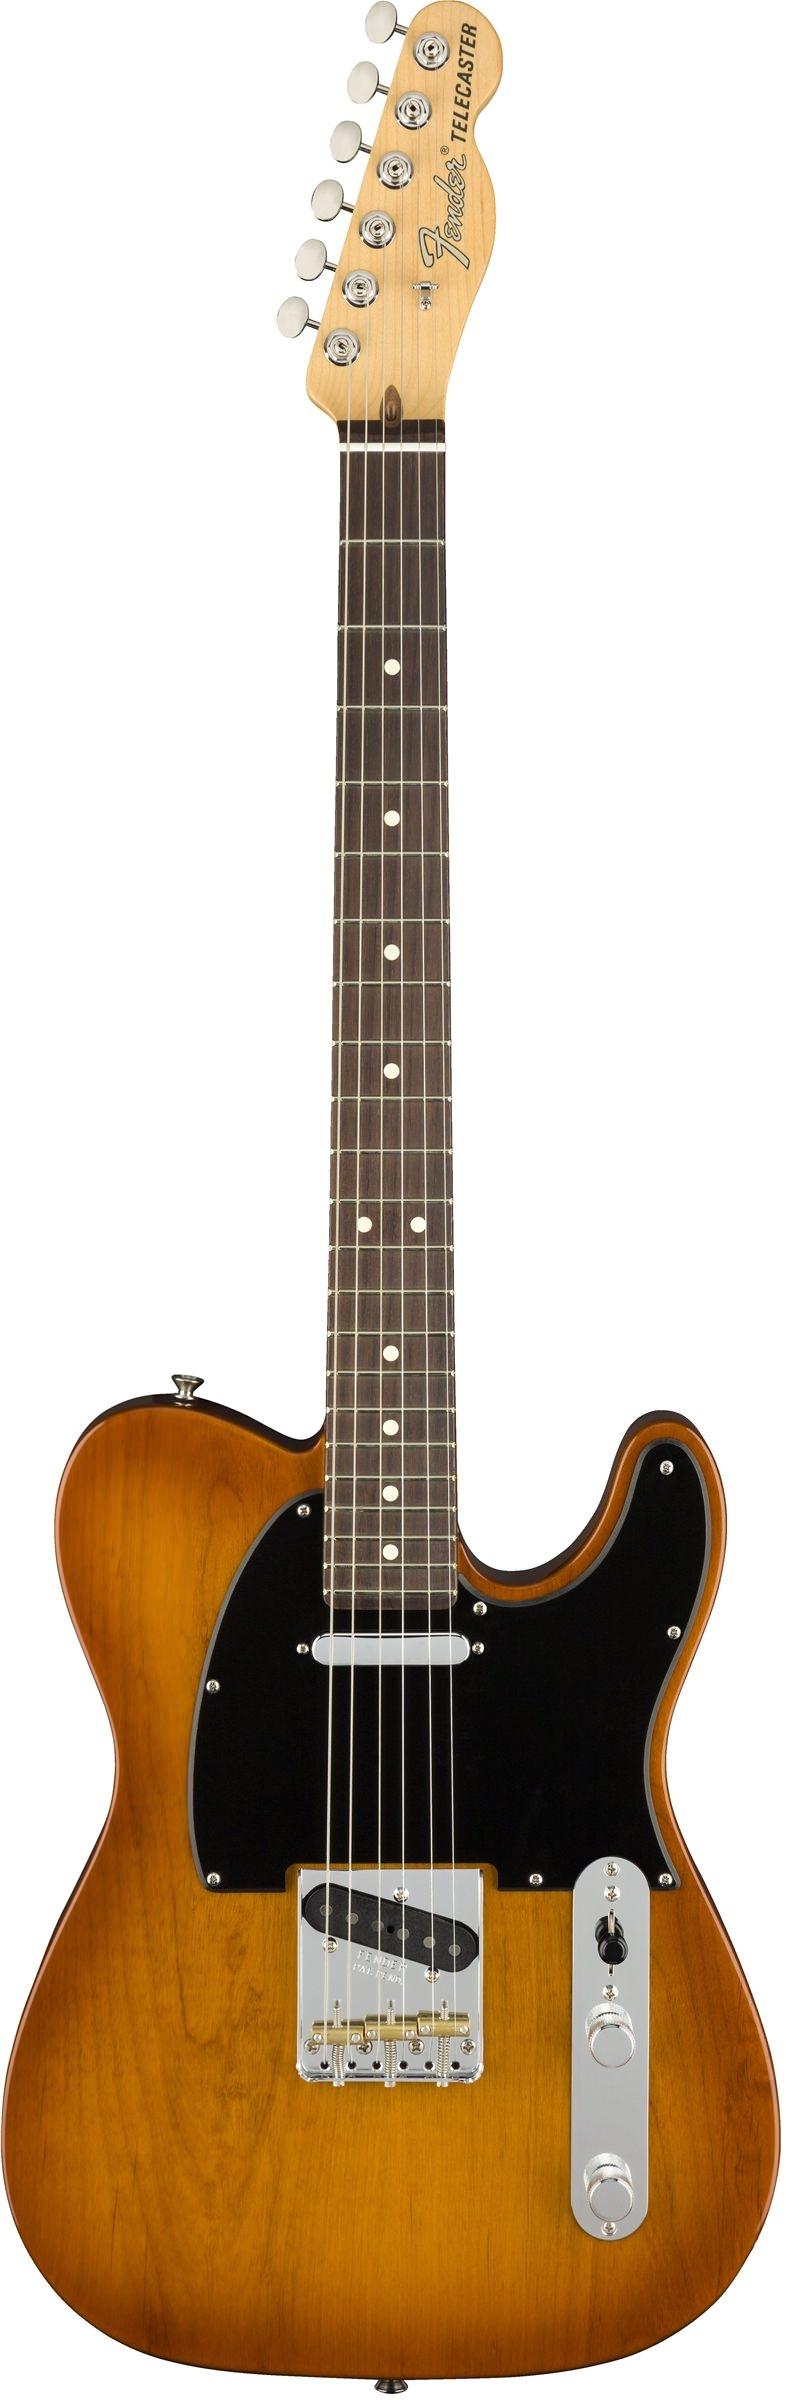 Электрогитара Fender American Performer Telecaster Rosewood Fingerboard Honey Burst